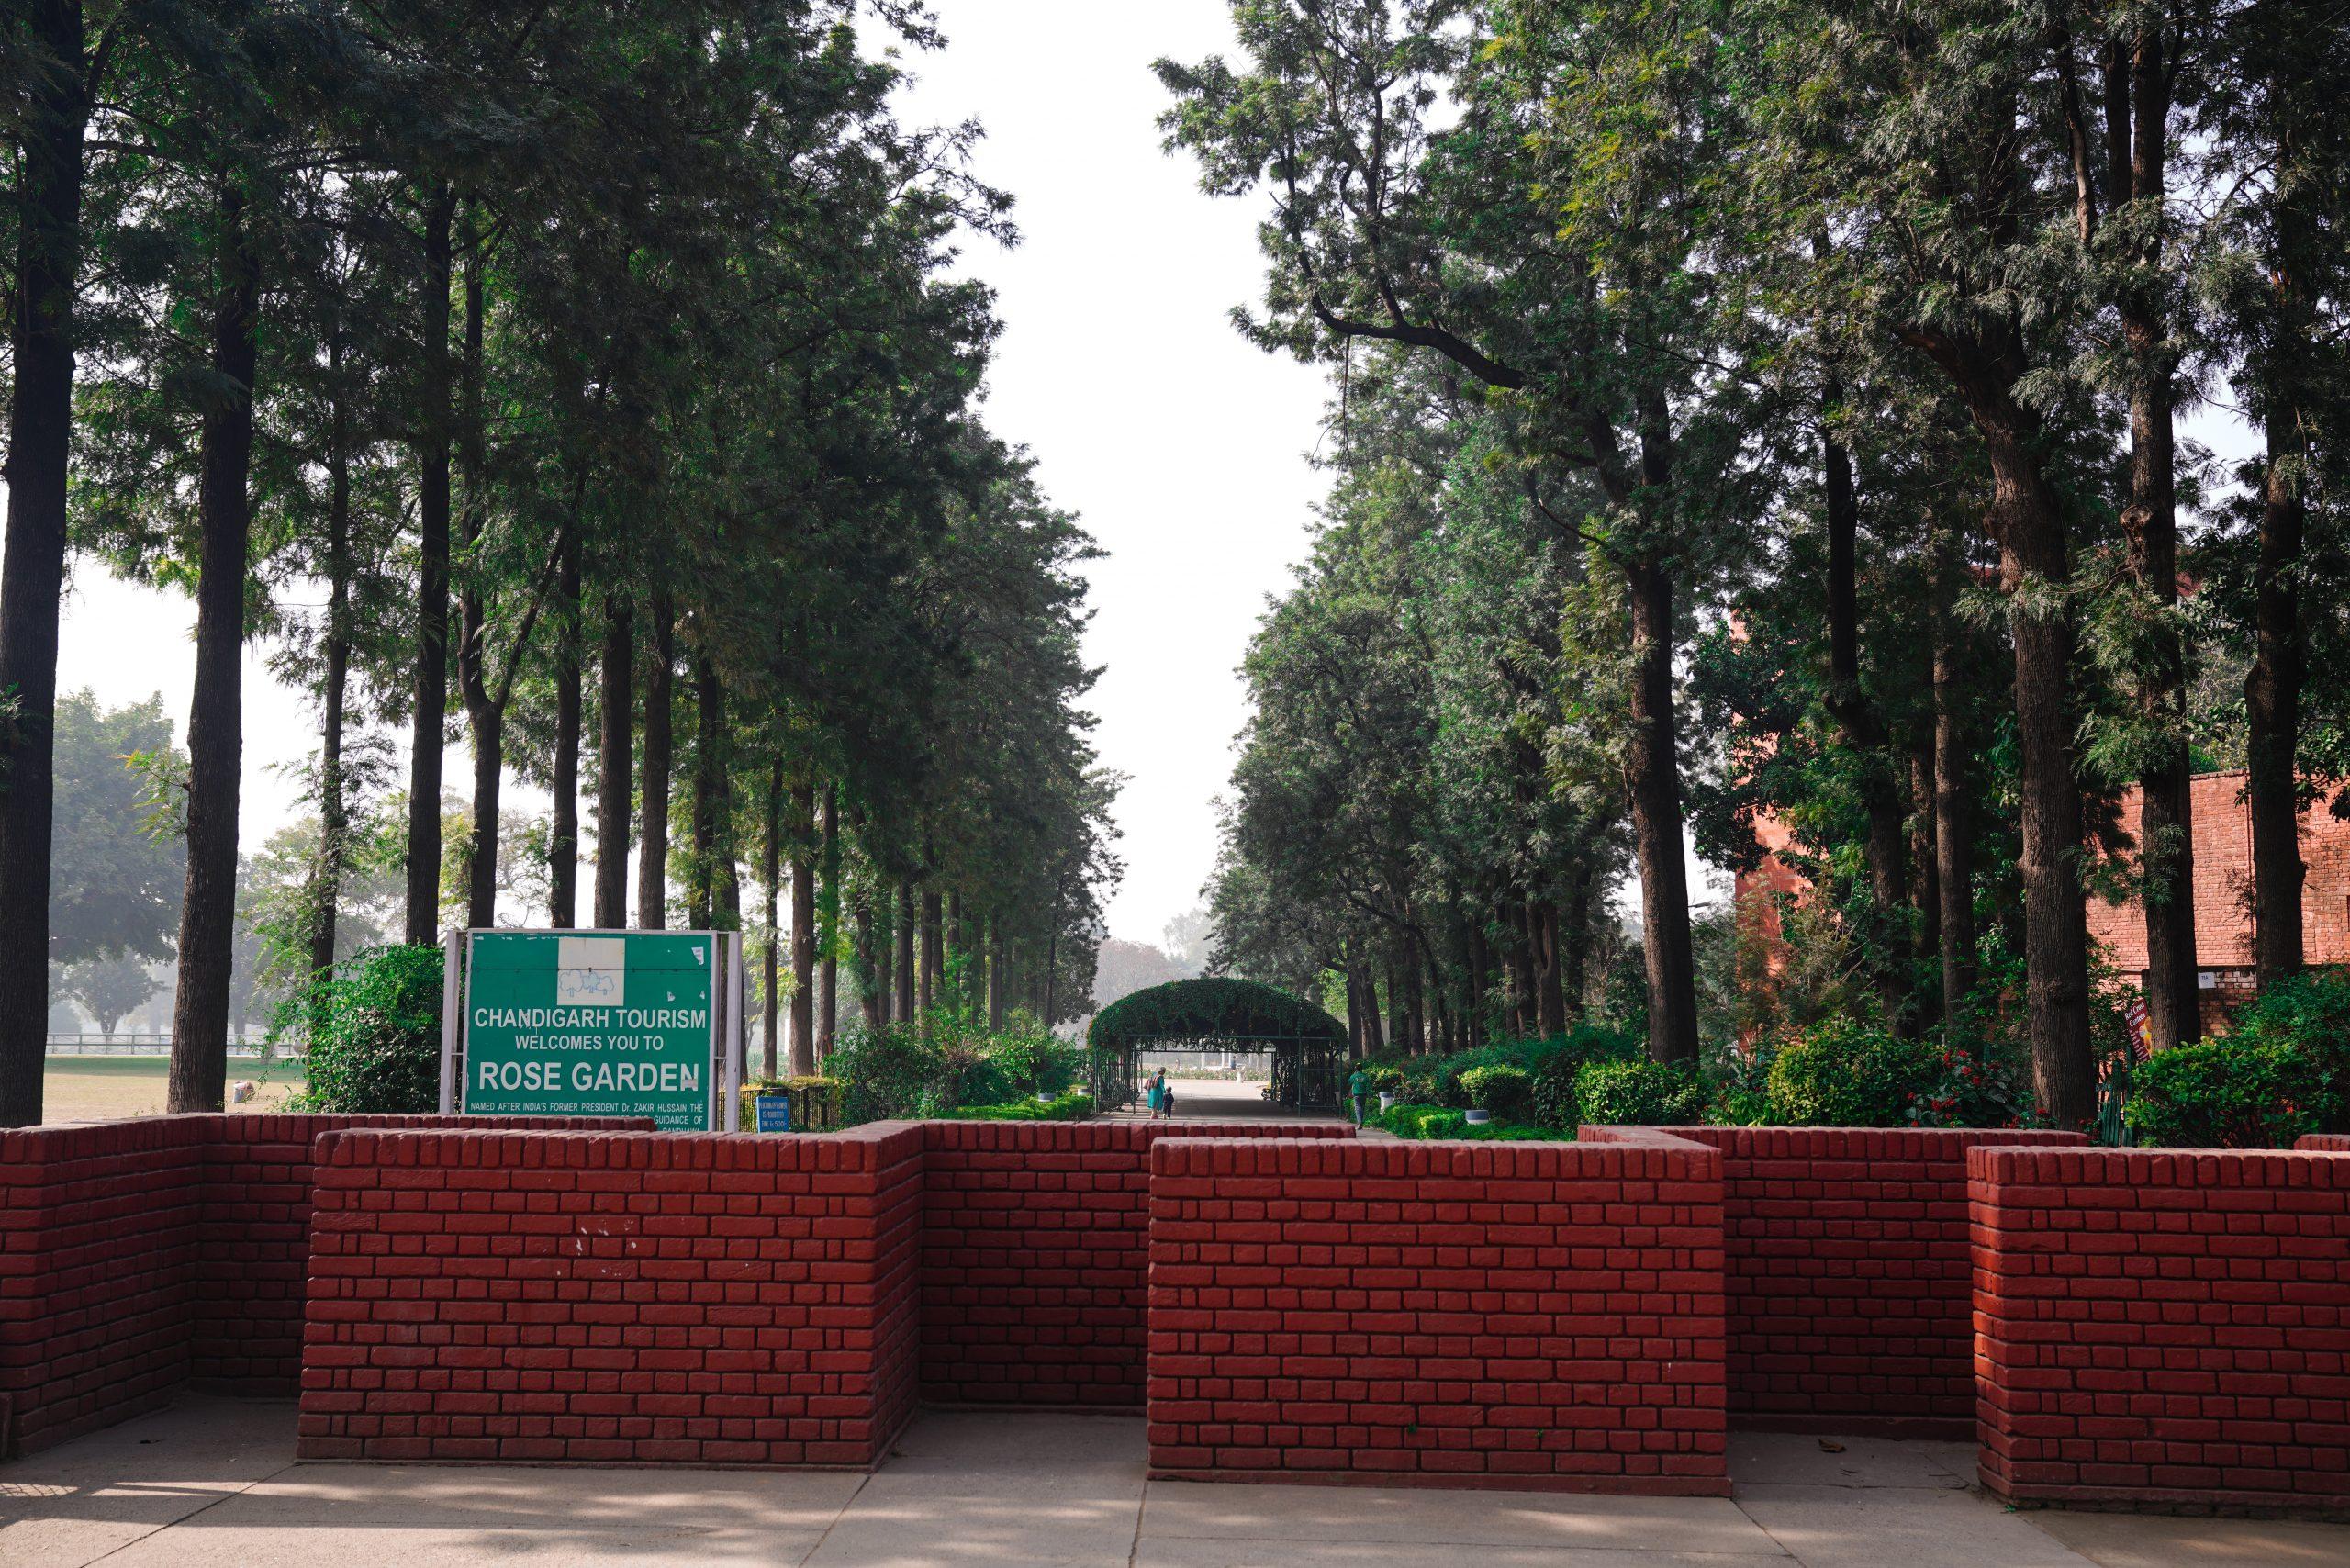 Rose garden entrance